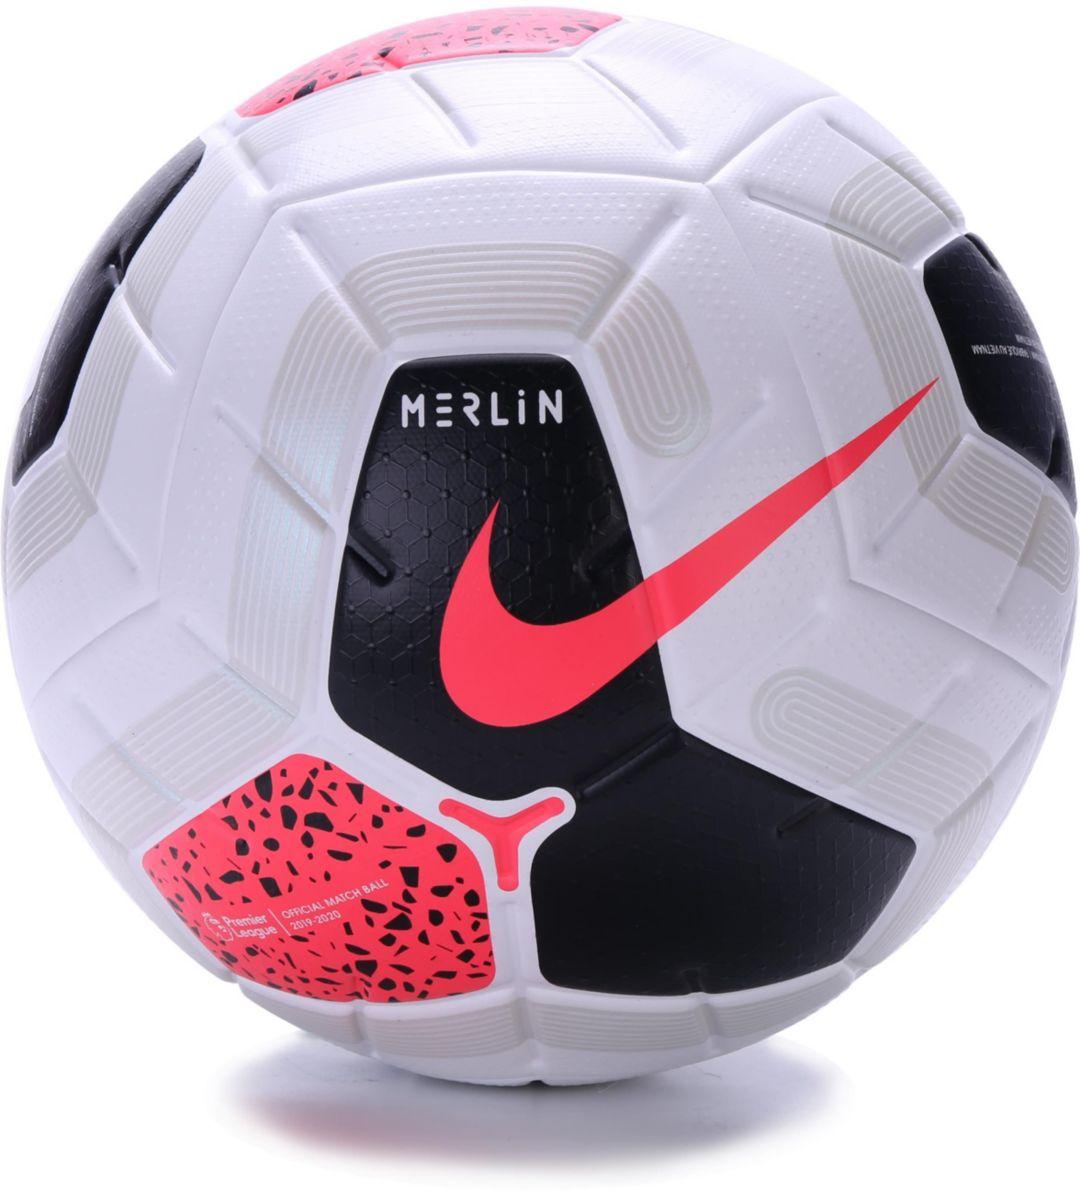 1969c5169a Nike 2019 Merlin Premier League Official Match Soccer Ball